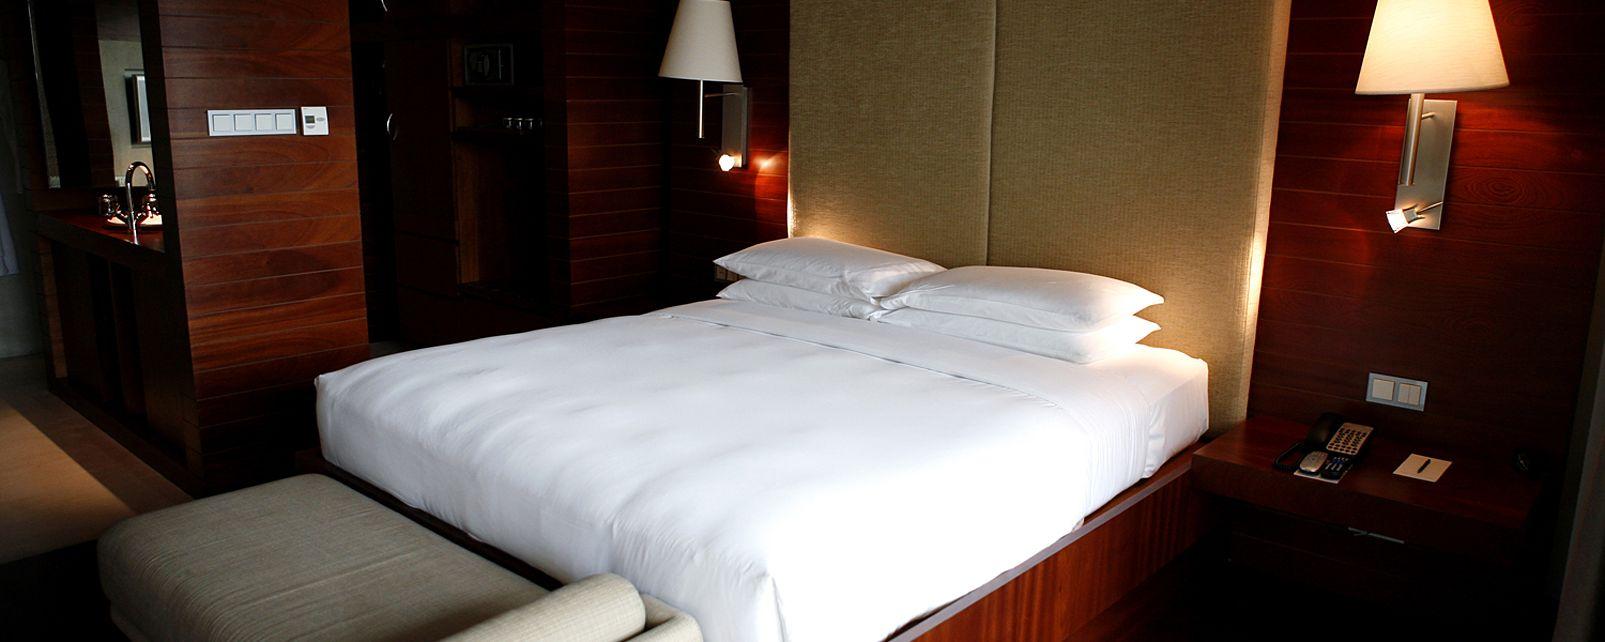 Hôtel Park Hyatt Dubai